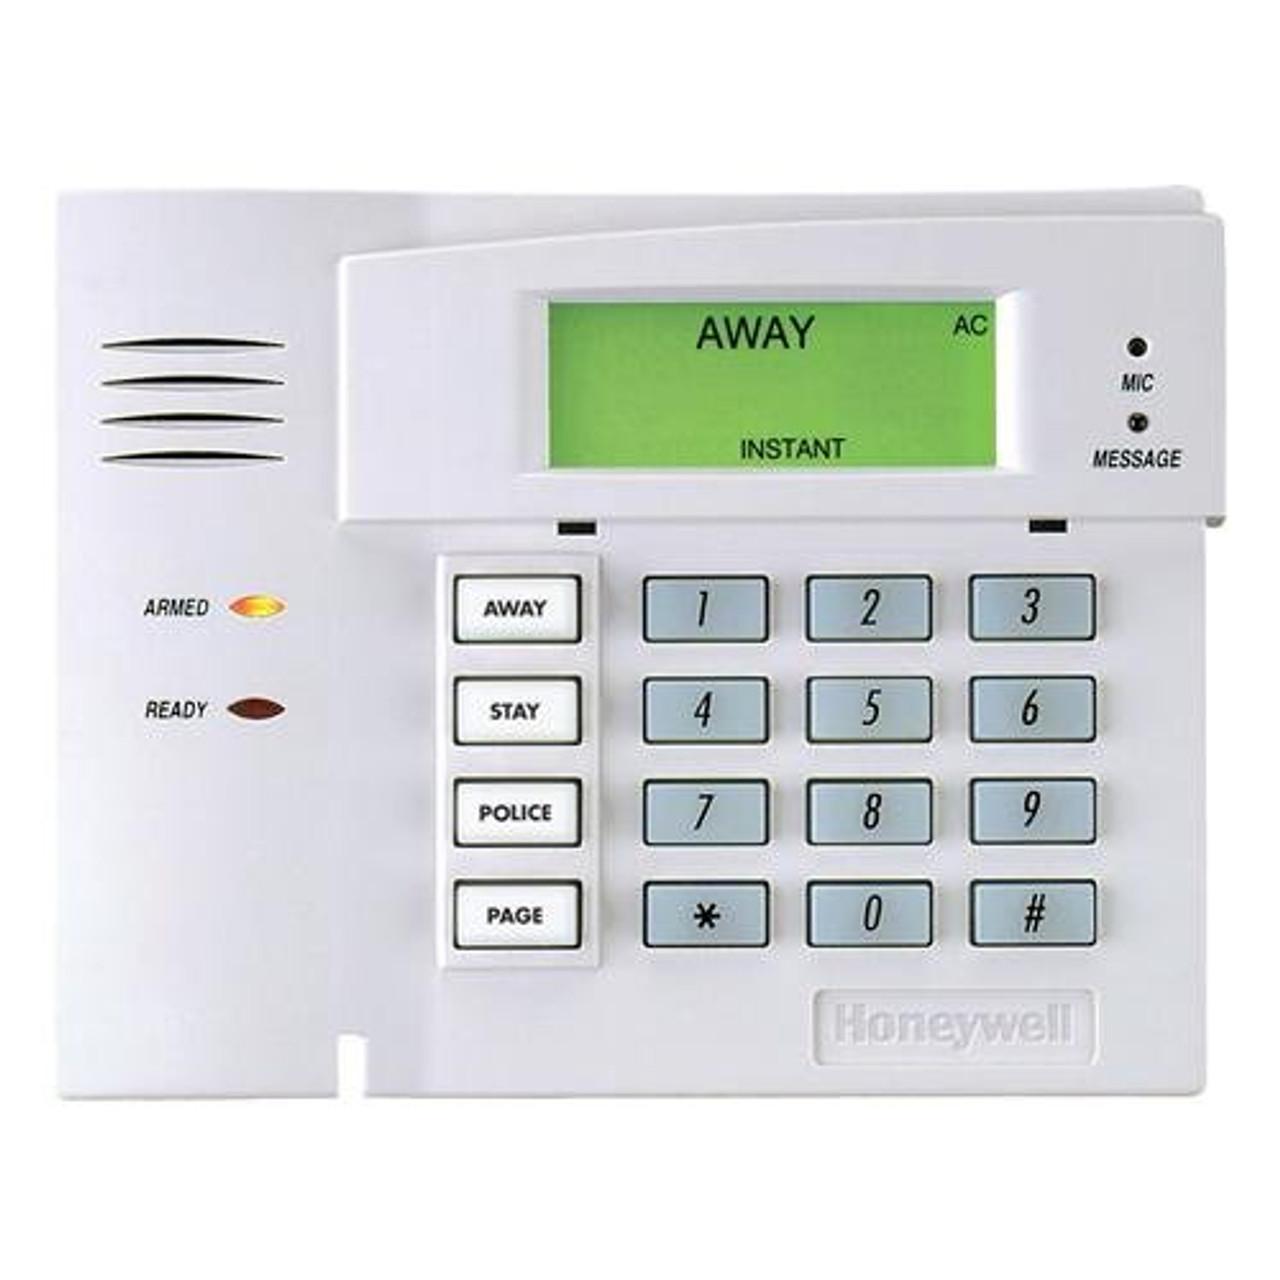 Honeywell 5828V Wireless Talking Fixed English Alarm Keypad